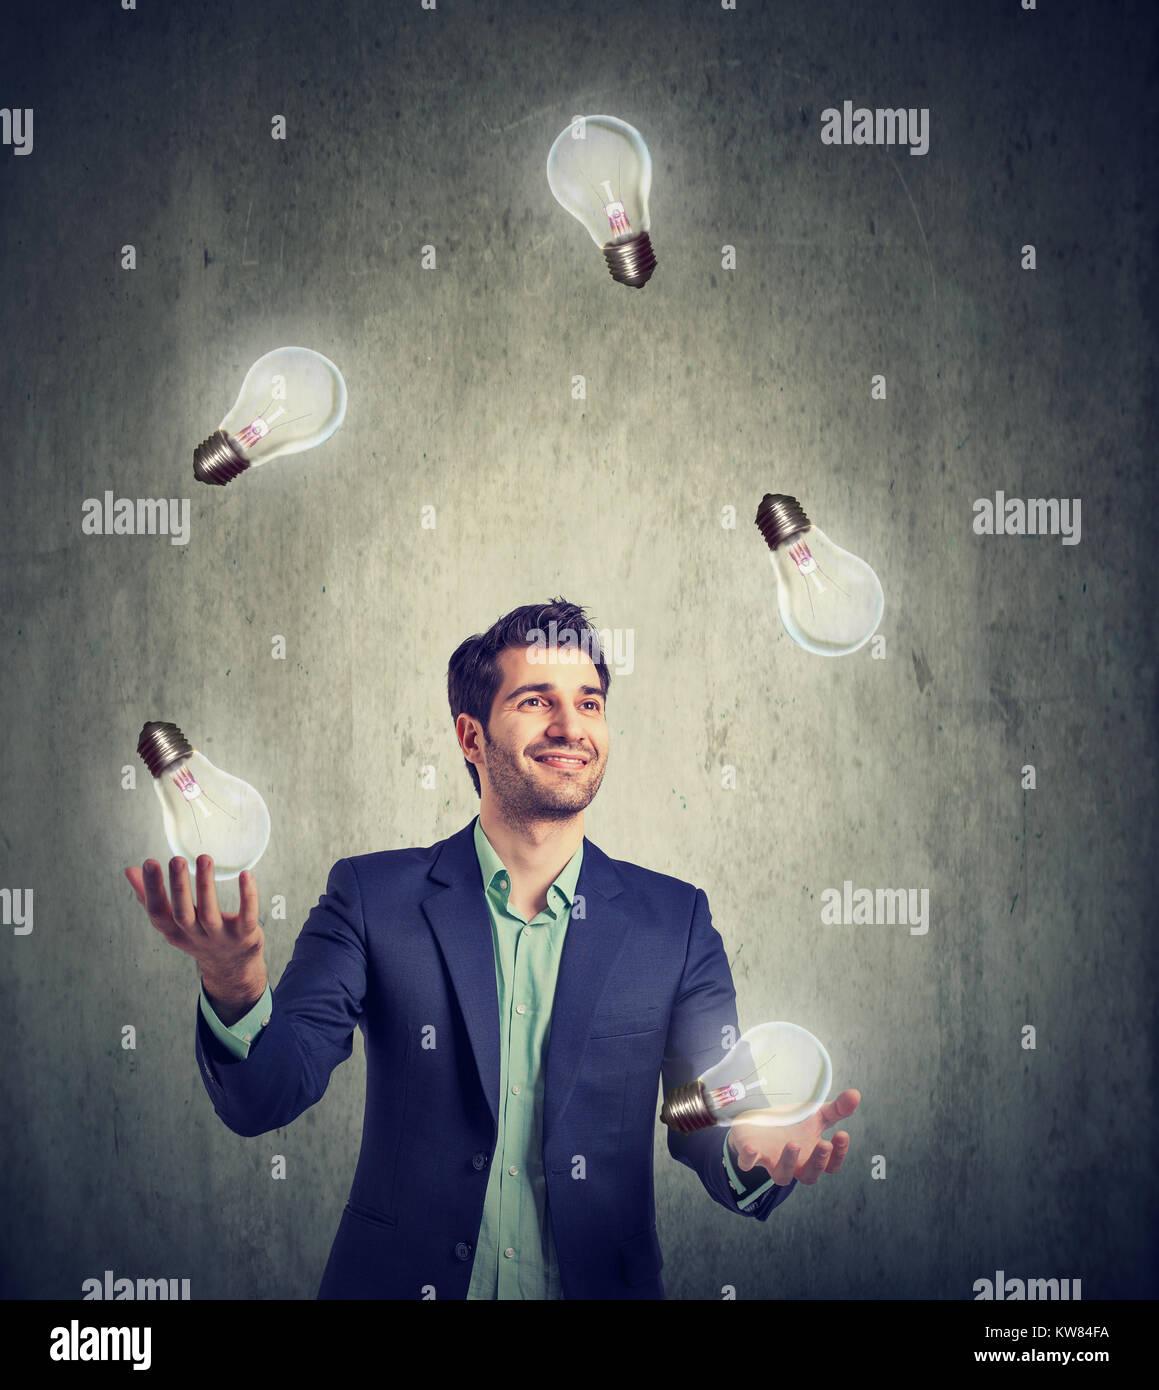 Businessman juggling avec ampoules feu avoir plein de bonnes idées. Photo Stock